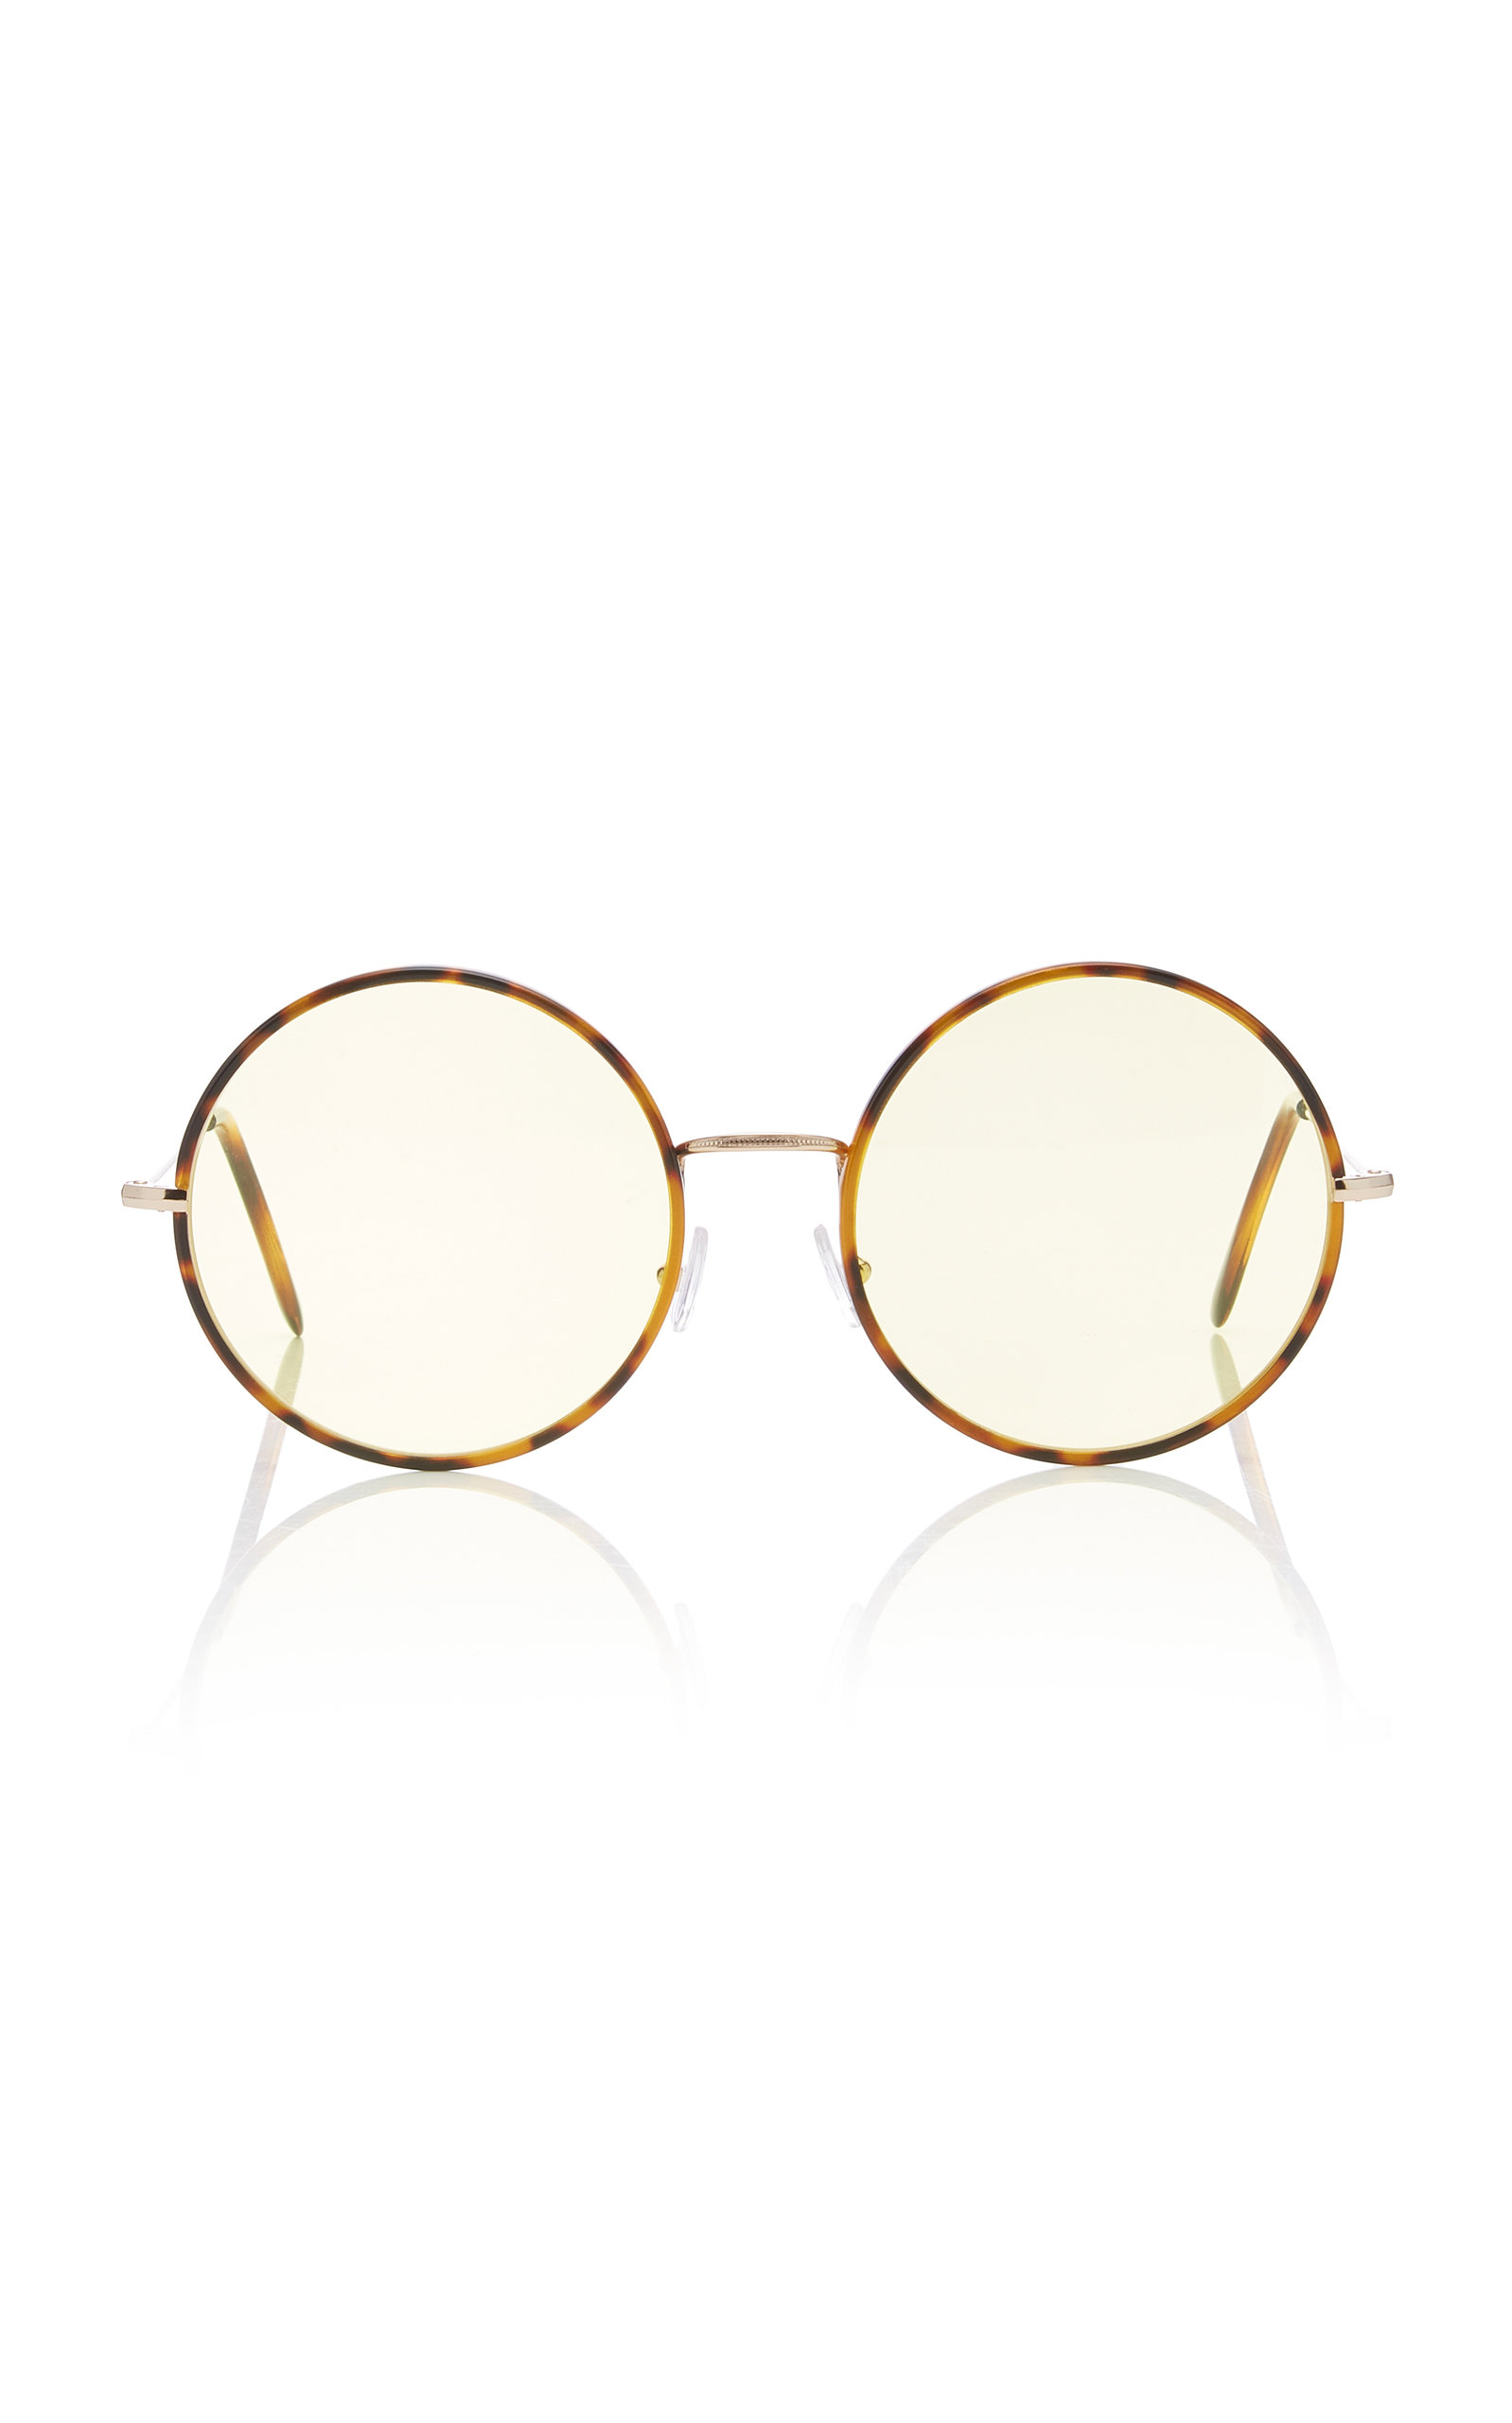 SPEKTRE Yoko Round-Frame Acetate Sunglasses in Yellow